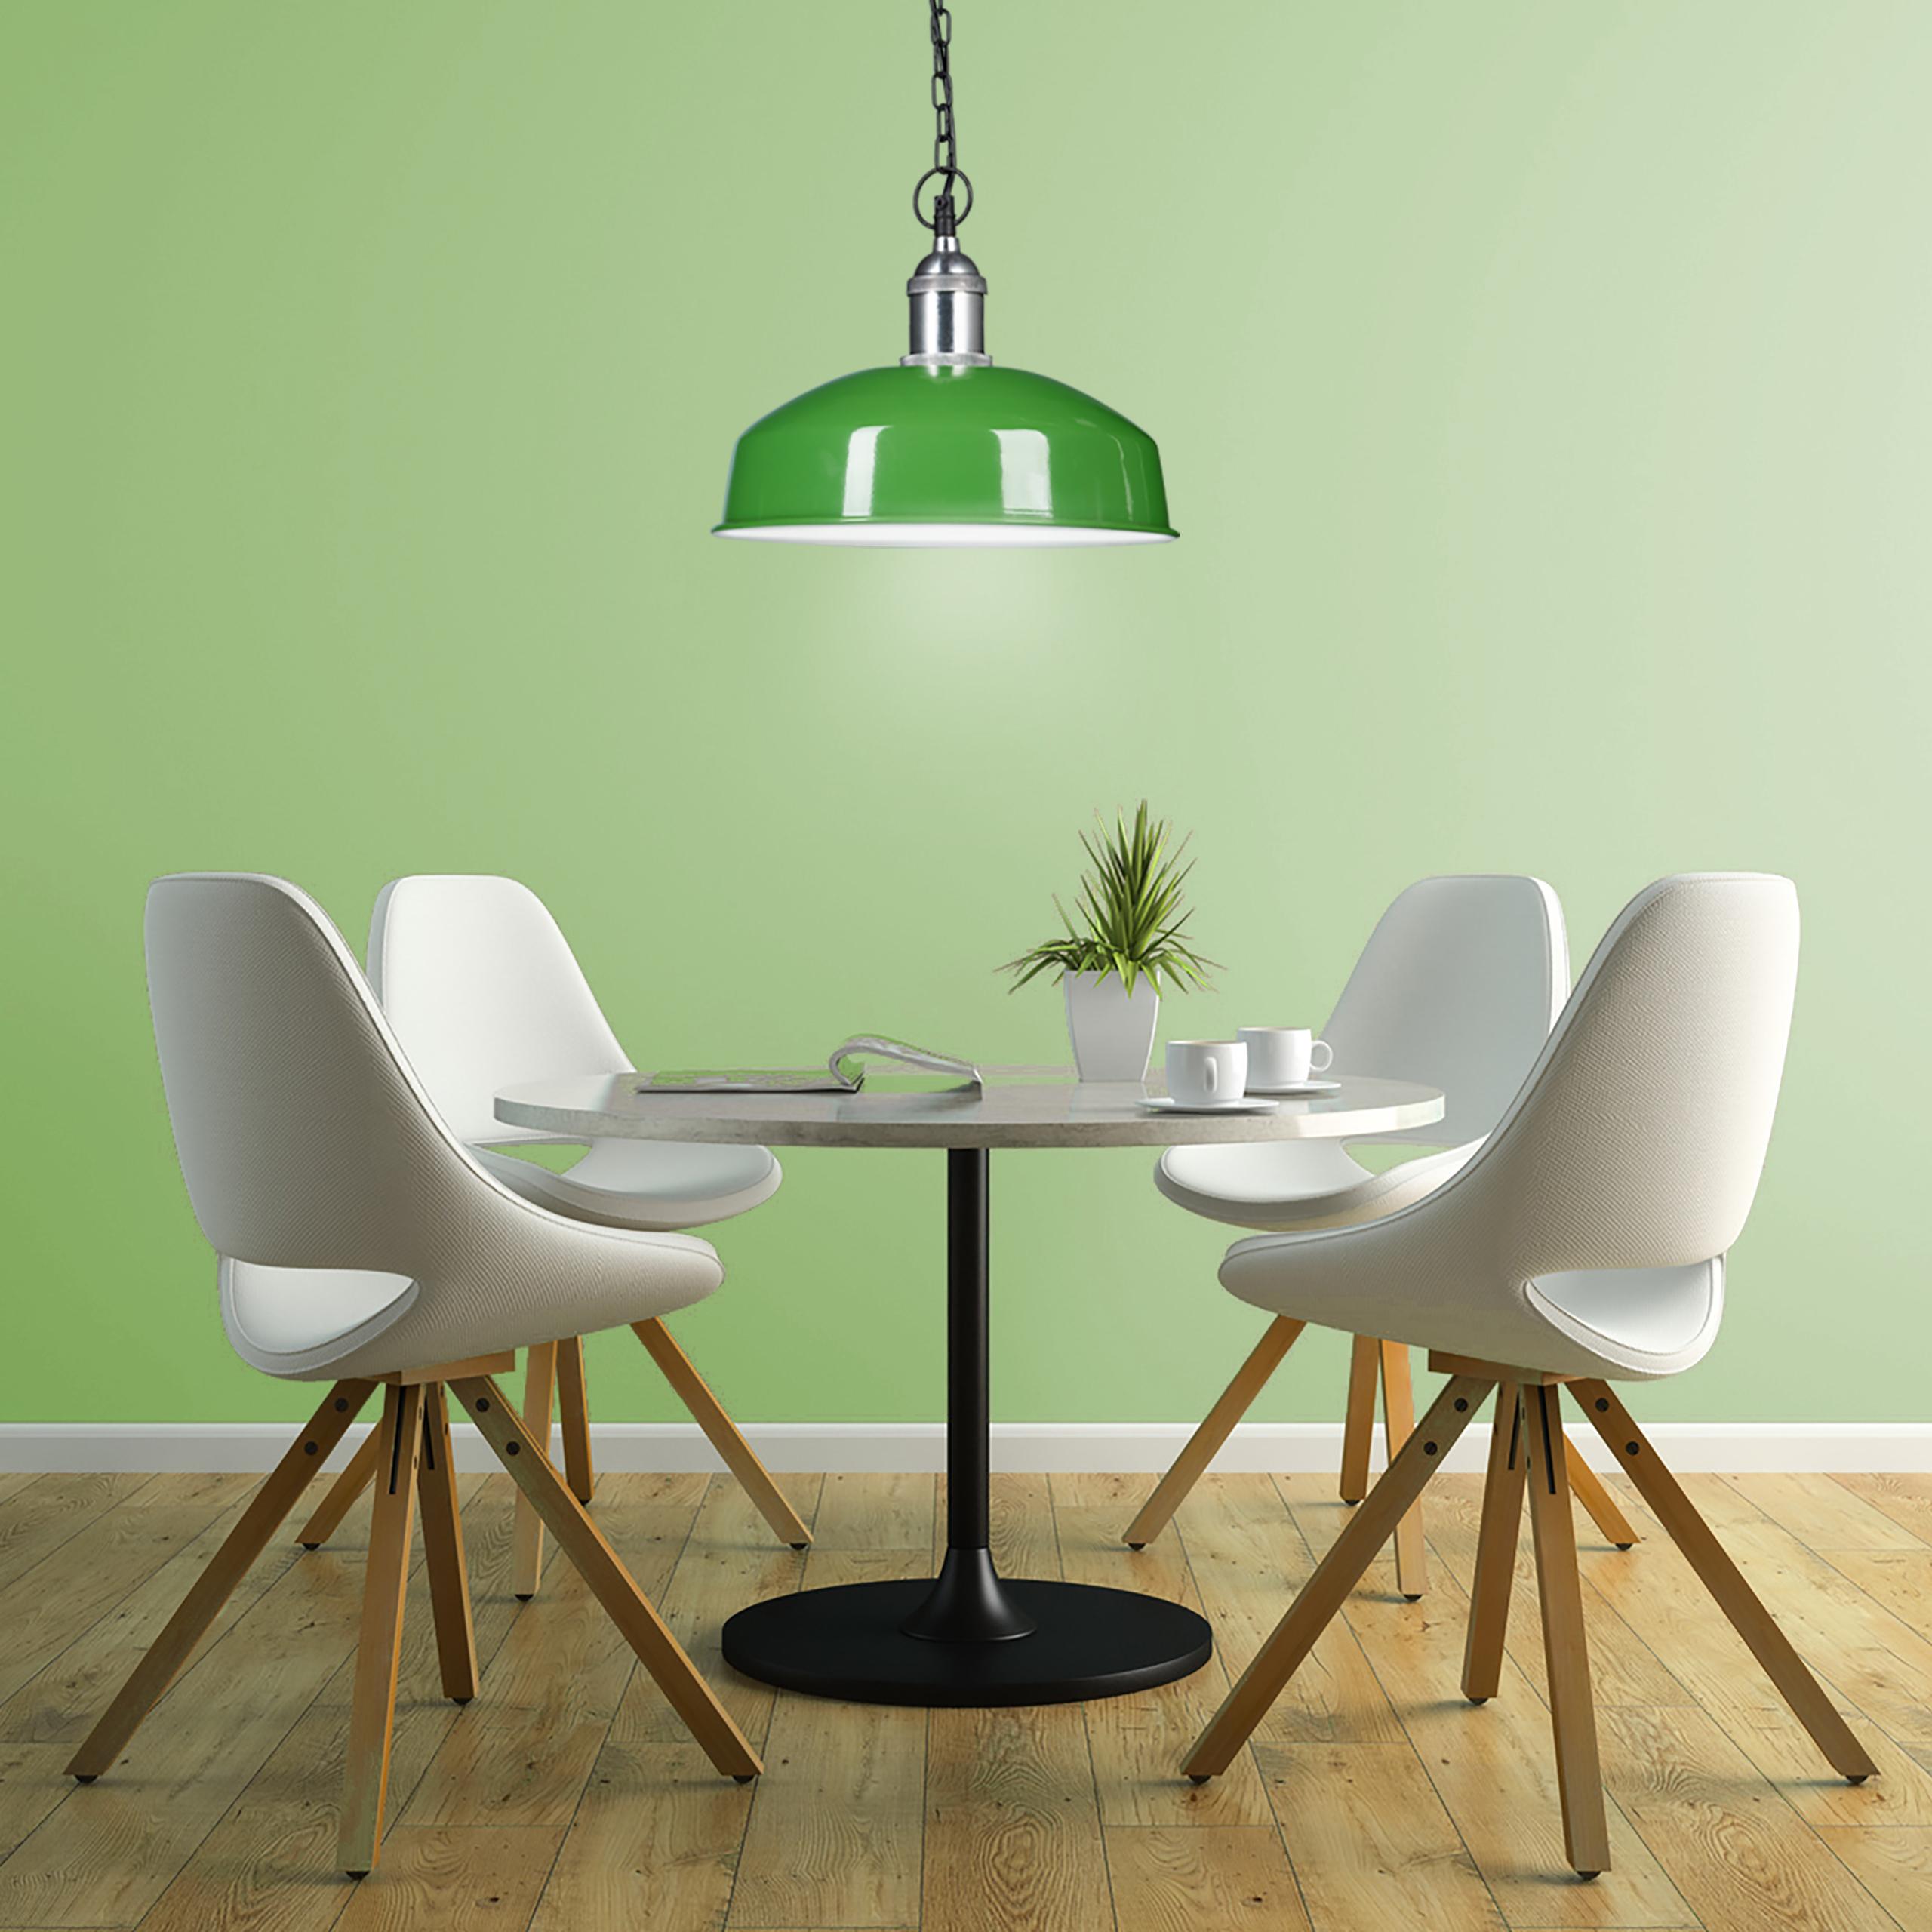 Deckenlampe mit Kette Hängeleuchte modern in Farbvarianten Pendelleuchte Eisen